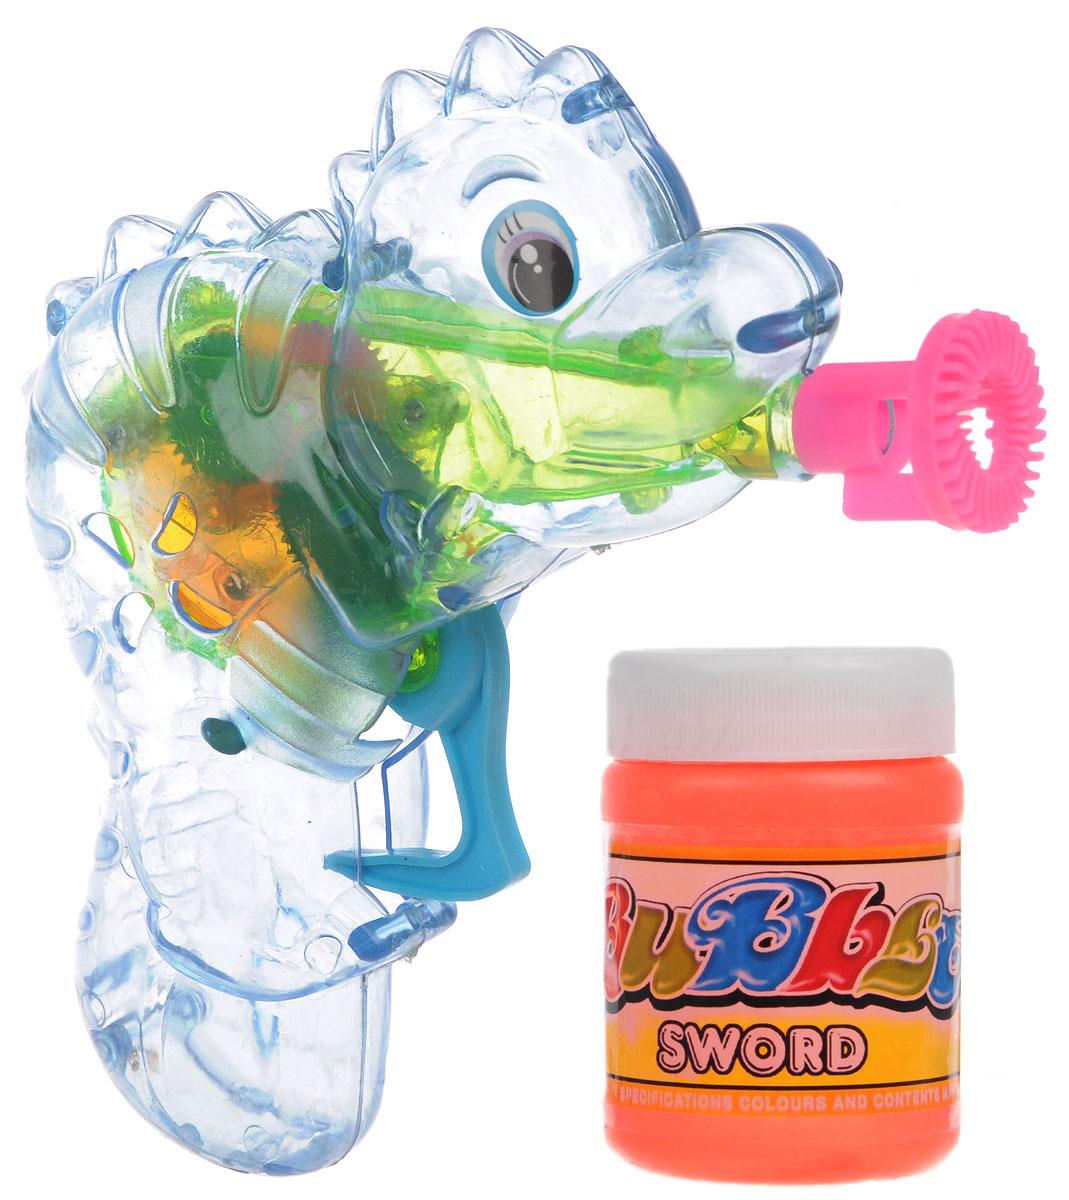 Веселая затея Набор для пускания мыльных пузырей Динозаврик цвет голубой1504-0279_голубойВыдувание мыльных пузырей - это веселое развлечение для детей и взрослых. А с игрушкой Веселая затея Динозаврик вас ждет просто гигантская очередь мыльных пузырей! Для этого налейте мыльный раствор в крышку, опустите в нее носик игрушки, поднимите в воздух и нажмите на курок. Вы увидите невероятное количество пузырей. Пистолет со светящимся диском, который раскручивается внутри благодаря нажатию на курок. Устройте малышу настоящее мыльное шоу! В комплекте для выдувания мыльных пузырей: пластиковый пистолет, пузырек с мыльным раствором и батарейки.